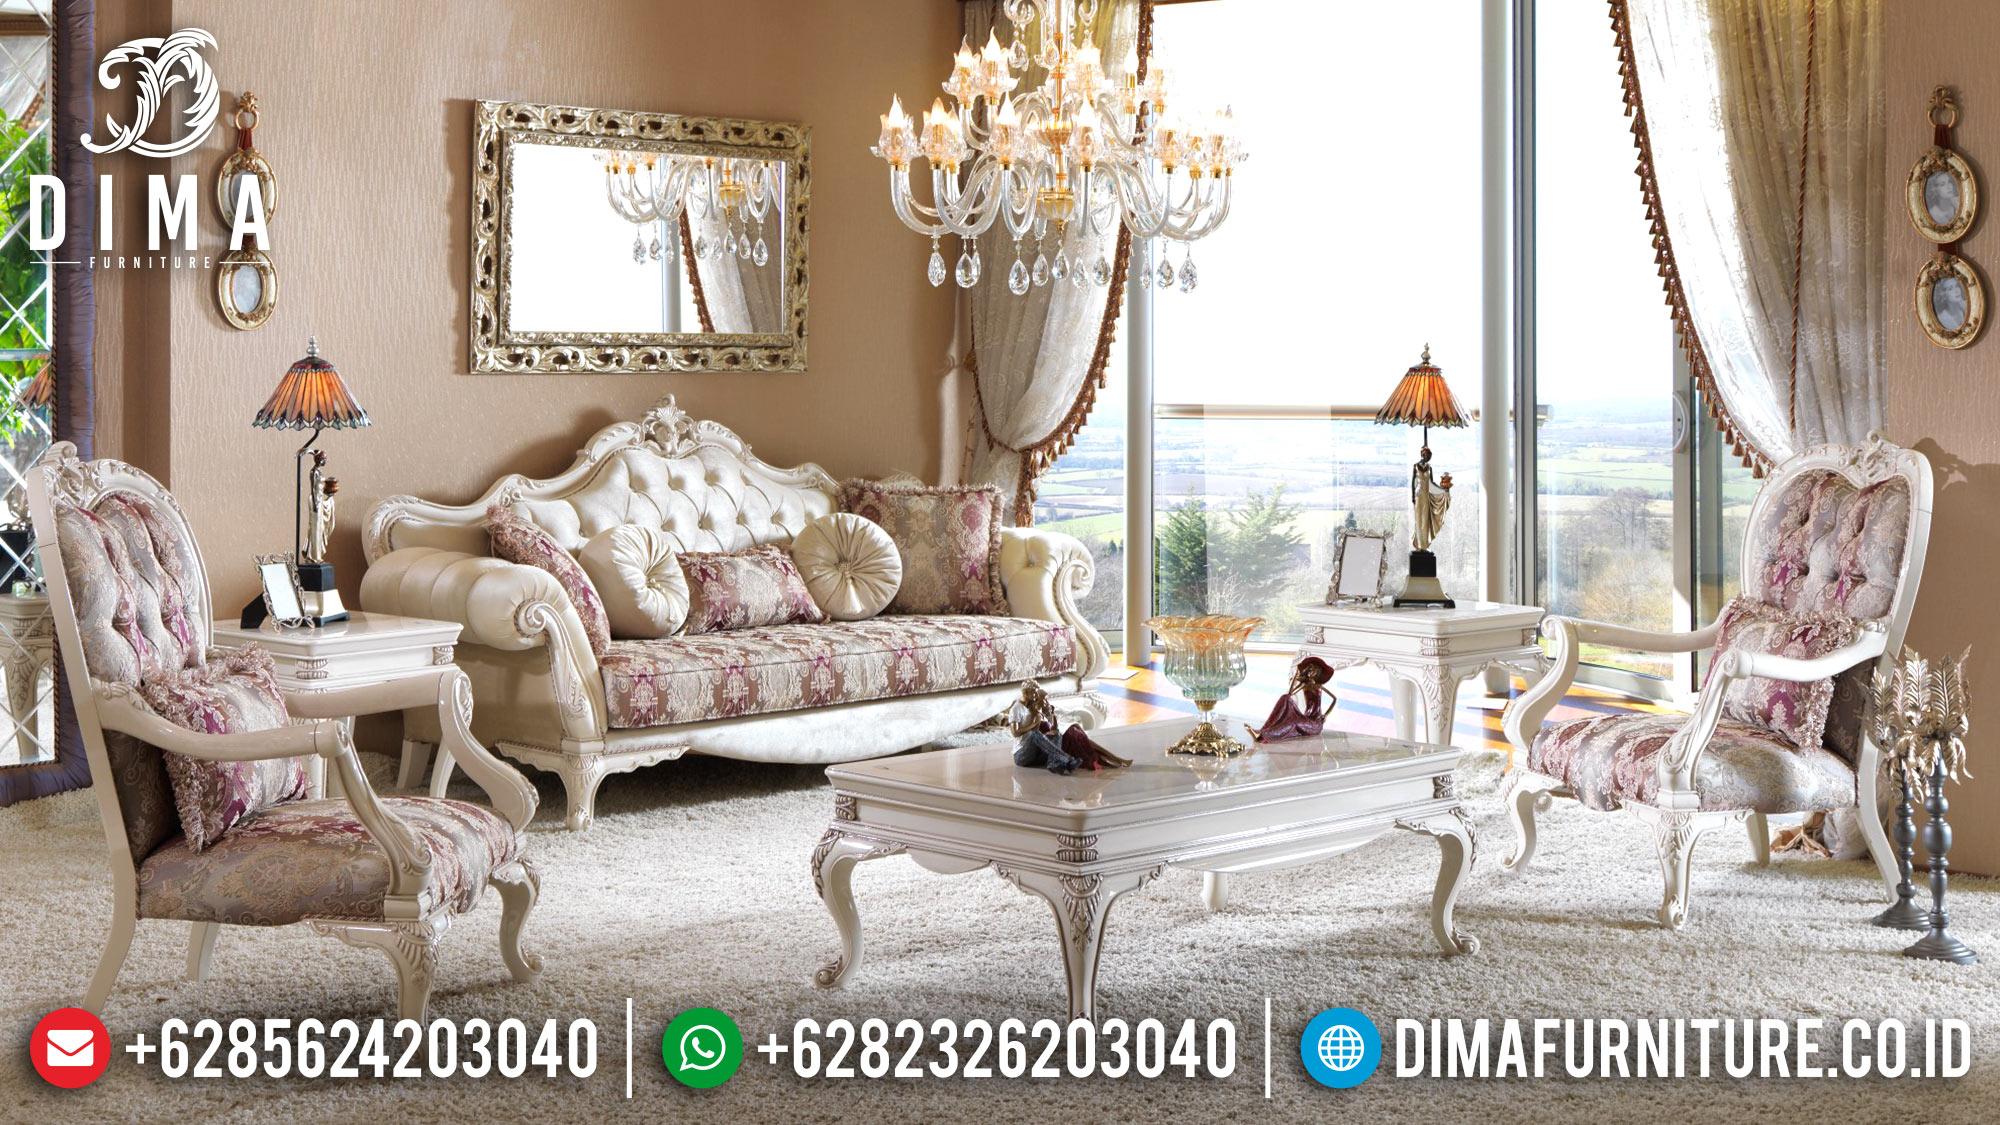 Classic Furniture Interior Sofa Tamu Mewah Jepara Terbaru Zumrut Koltuk DF-0581